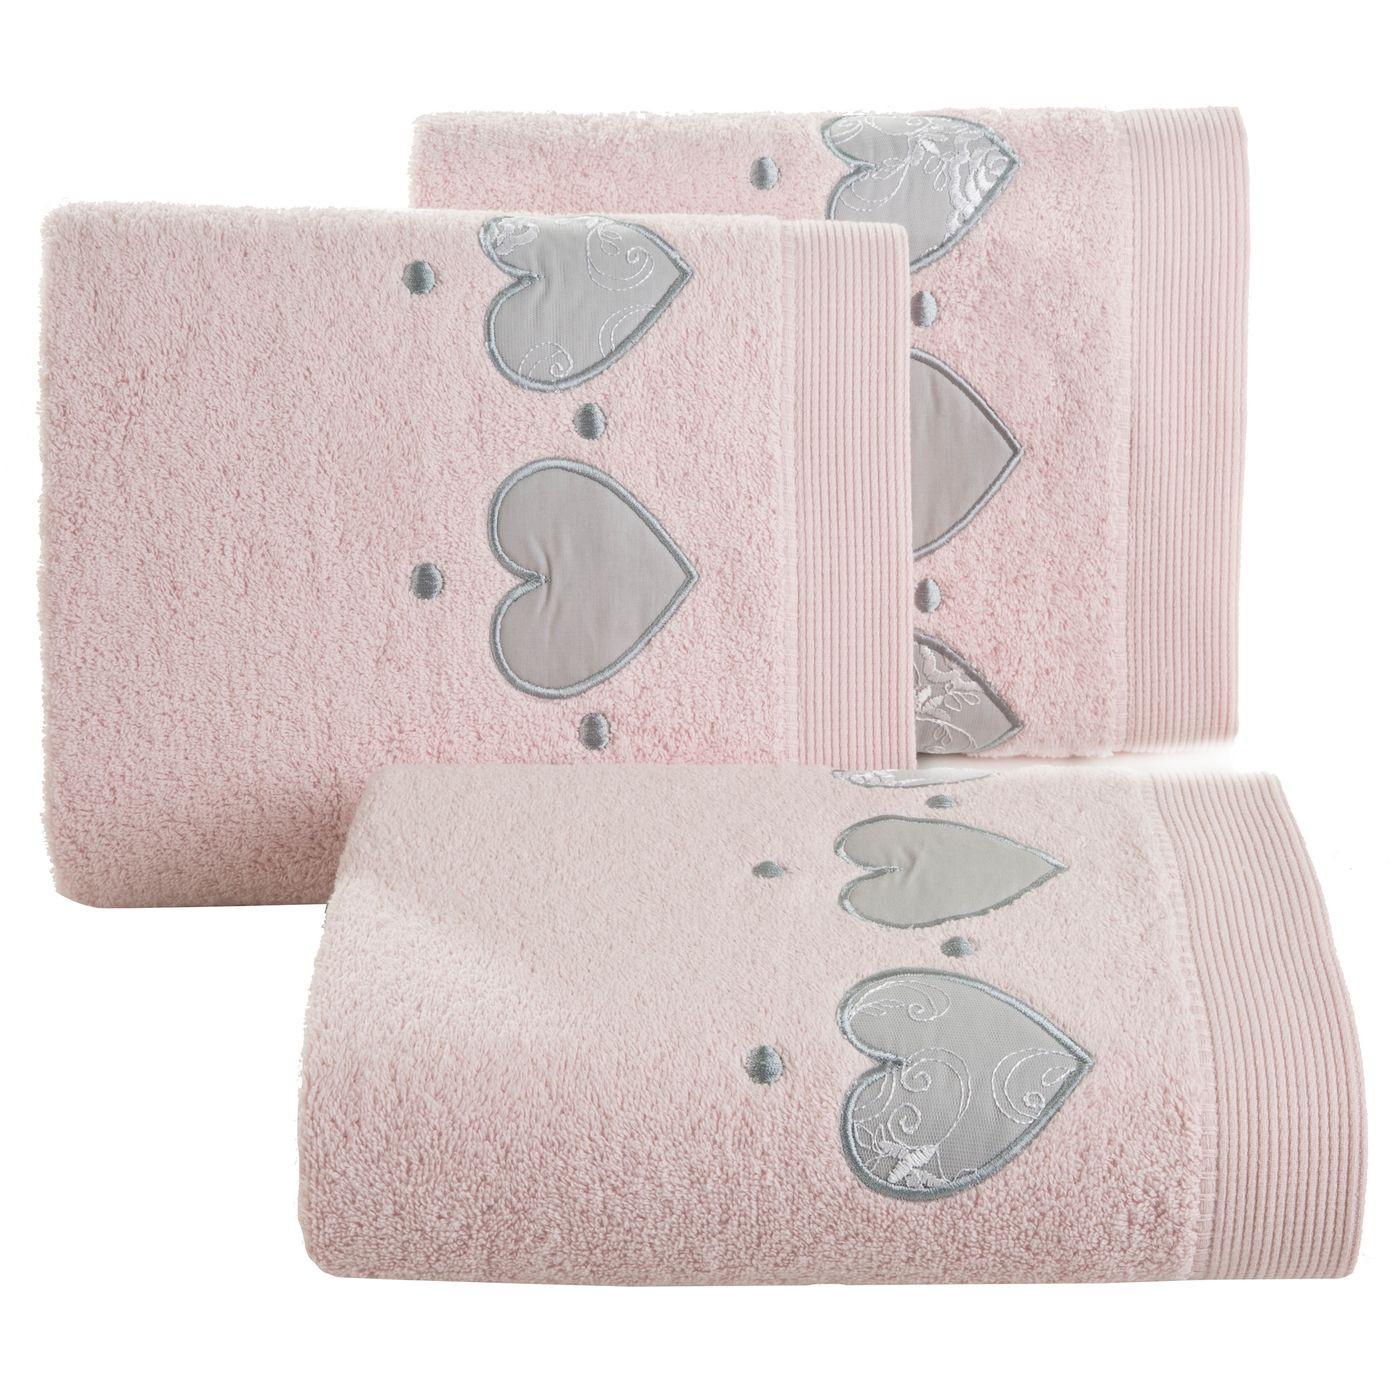 Miękki chłonny ręcznik kąpielowy pudrowy z serduszkami 50x90